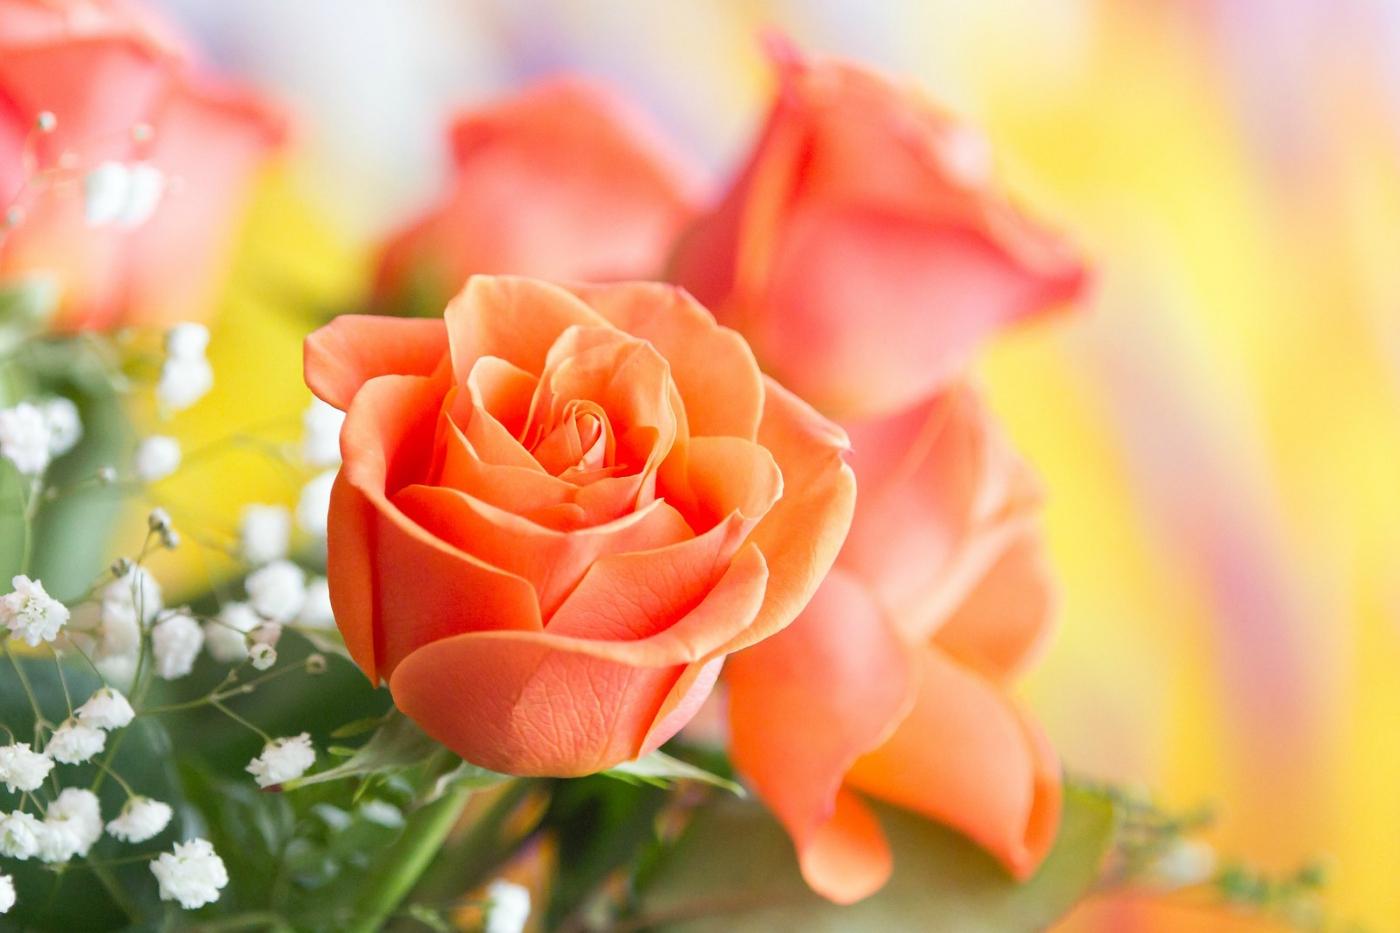 情人节你送花了吗?_图1-1